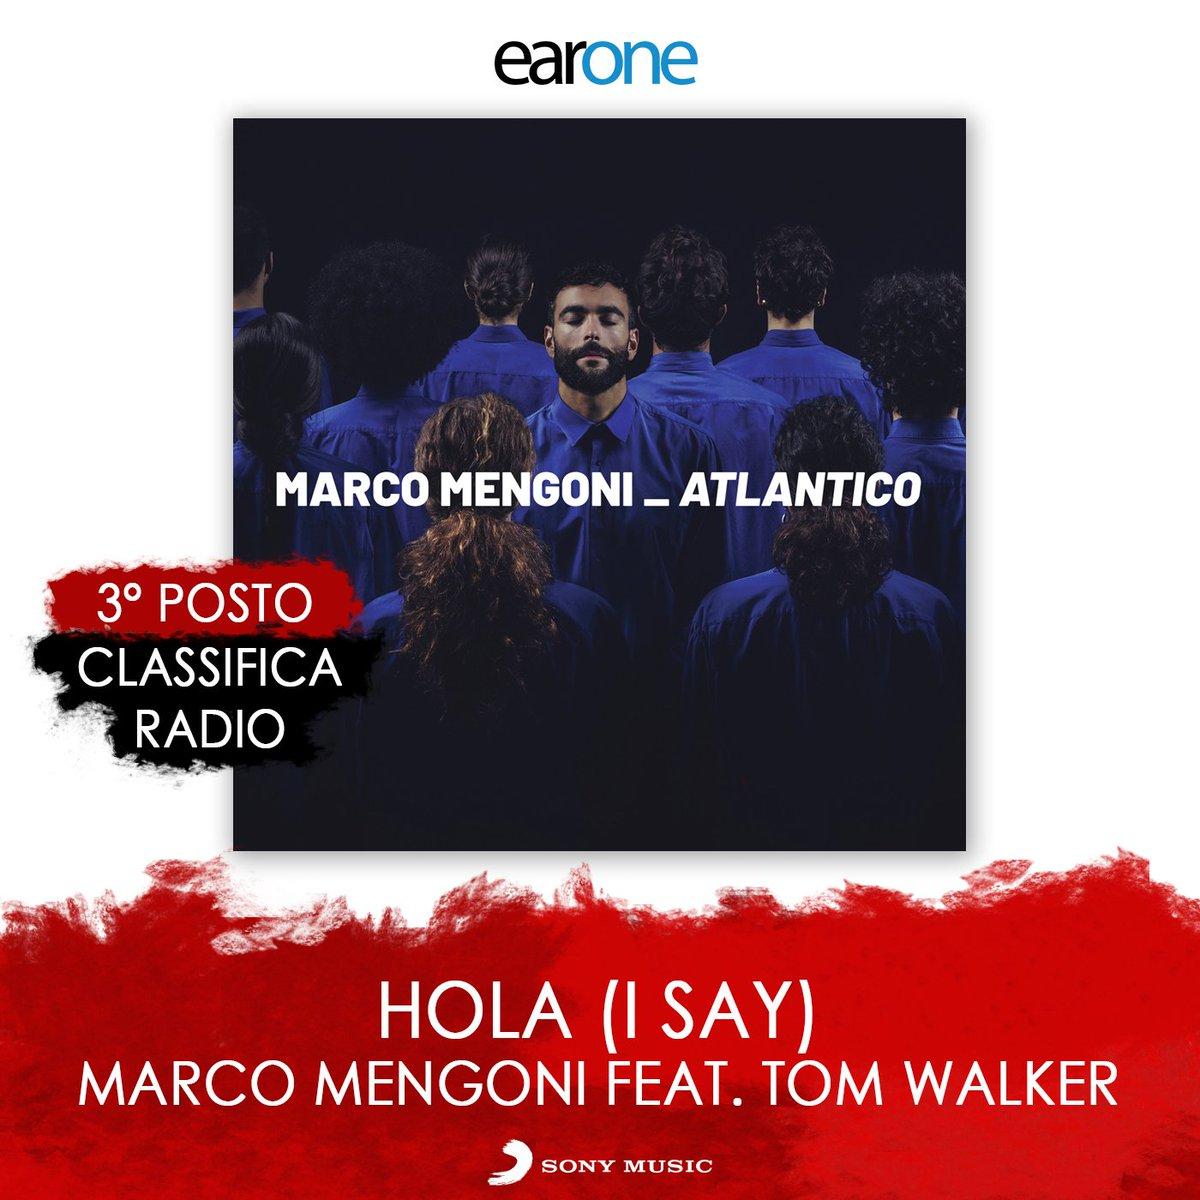 #Hola (I SAY) di @mengonimarco feat. @IamTomWalker è sul podio dei brani più trasmessi dalle radio 💥📻